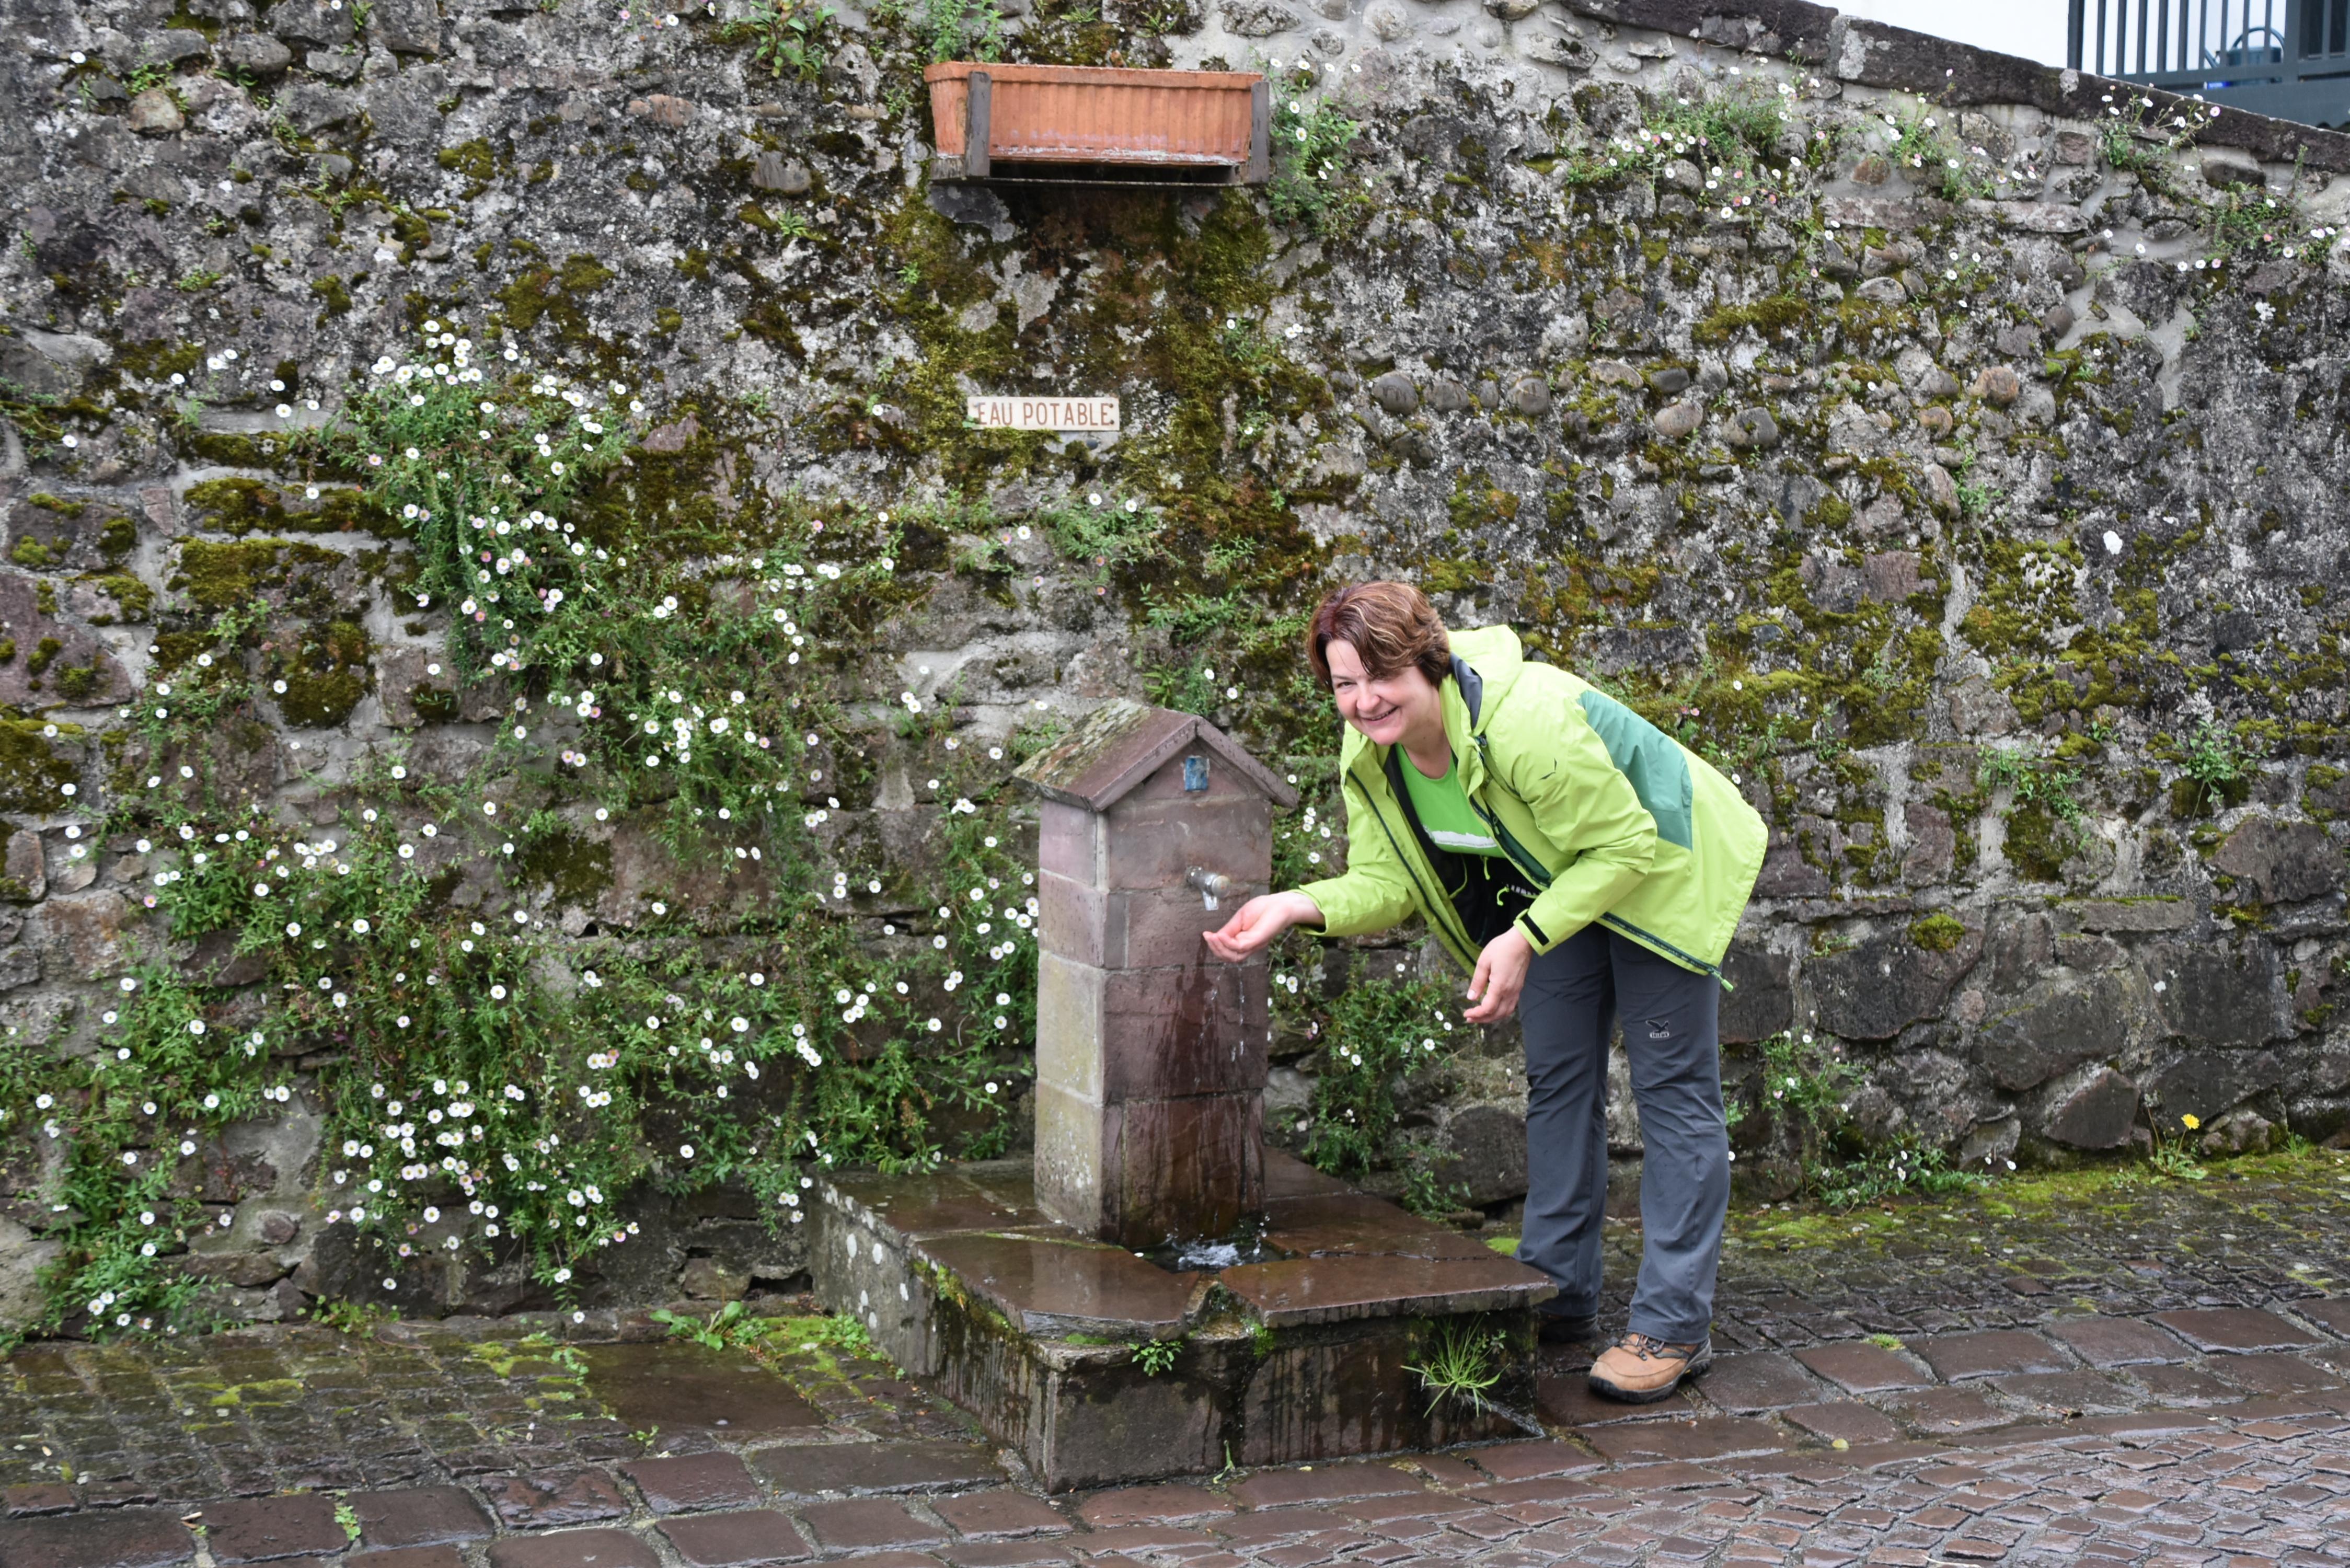 Ob poti so vodnjaki na gosto posejani